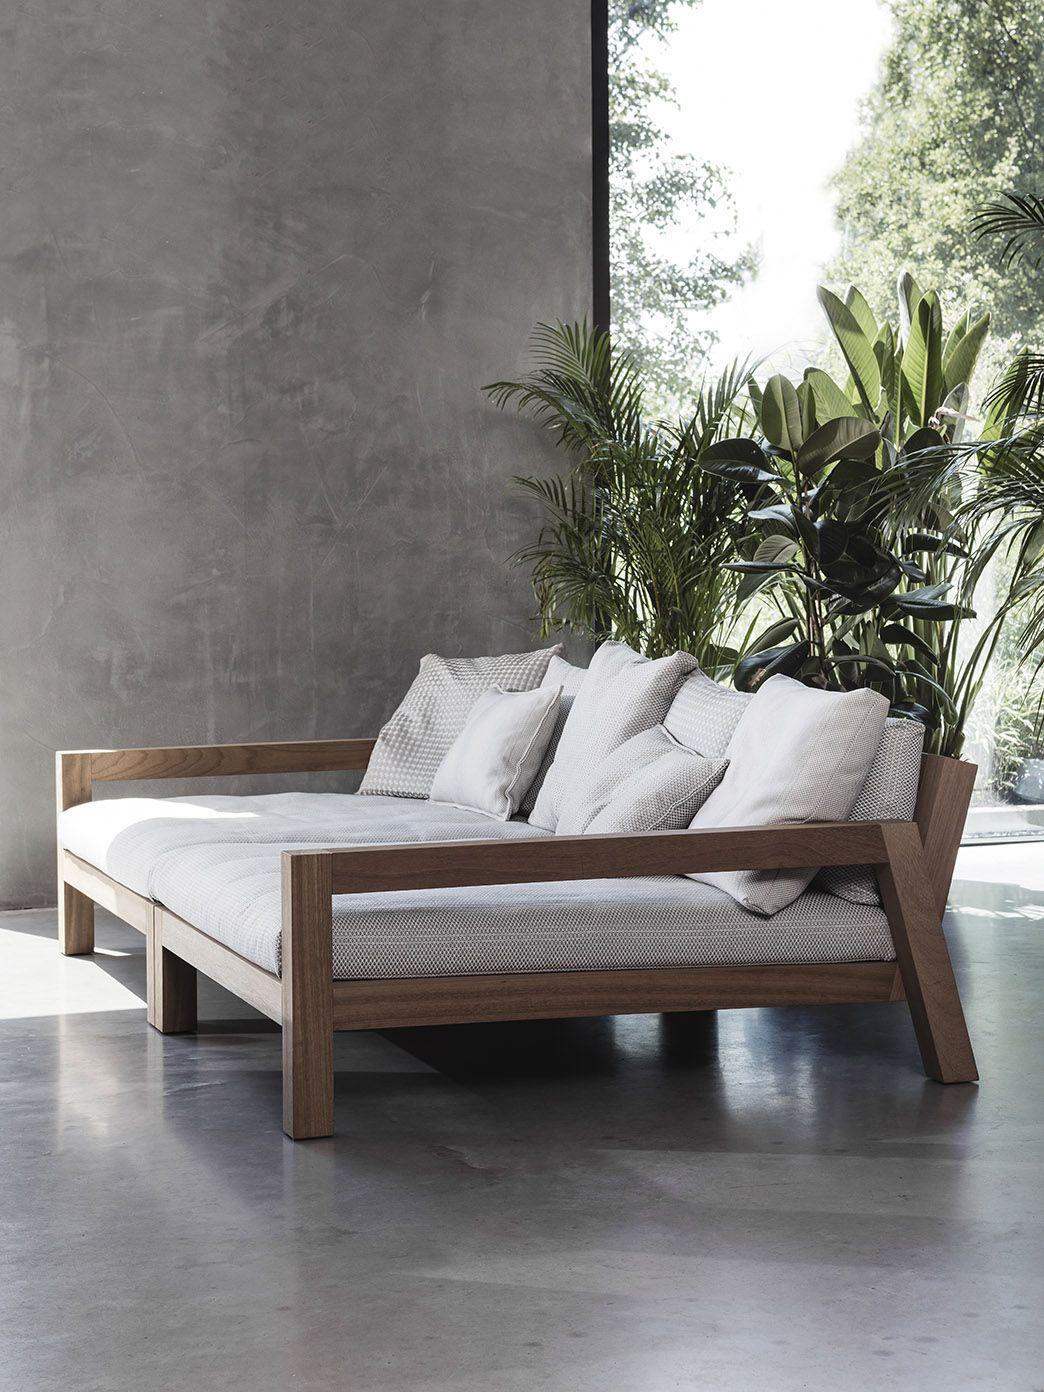 lars lounger daybed home pinterest balkon drinnen und wohnzimmer. Black Bedroom Furniture Sets. Home Design Ideas